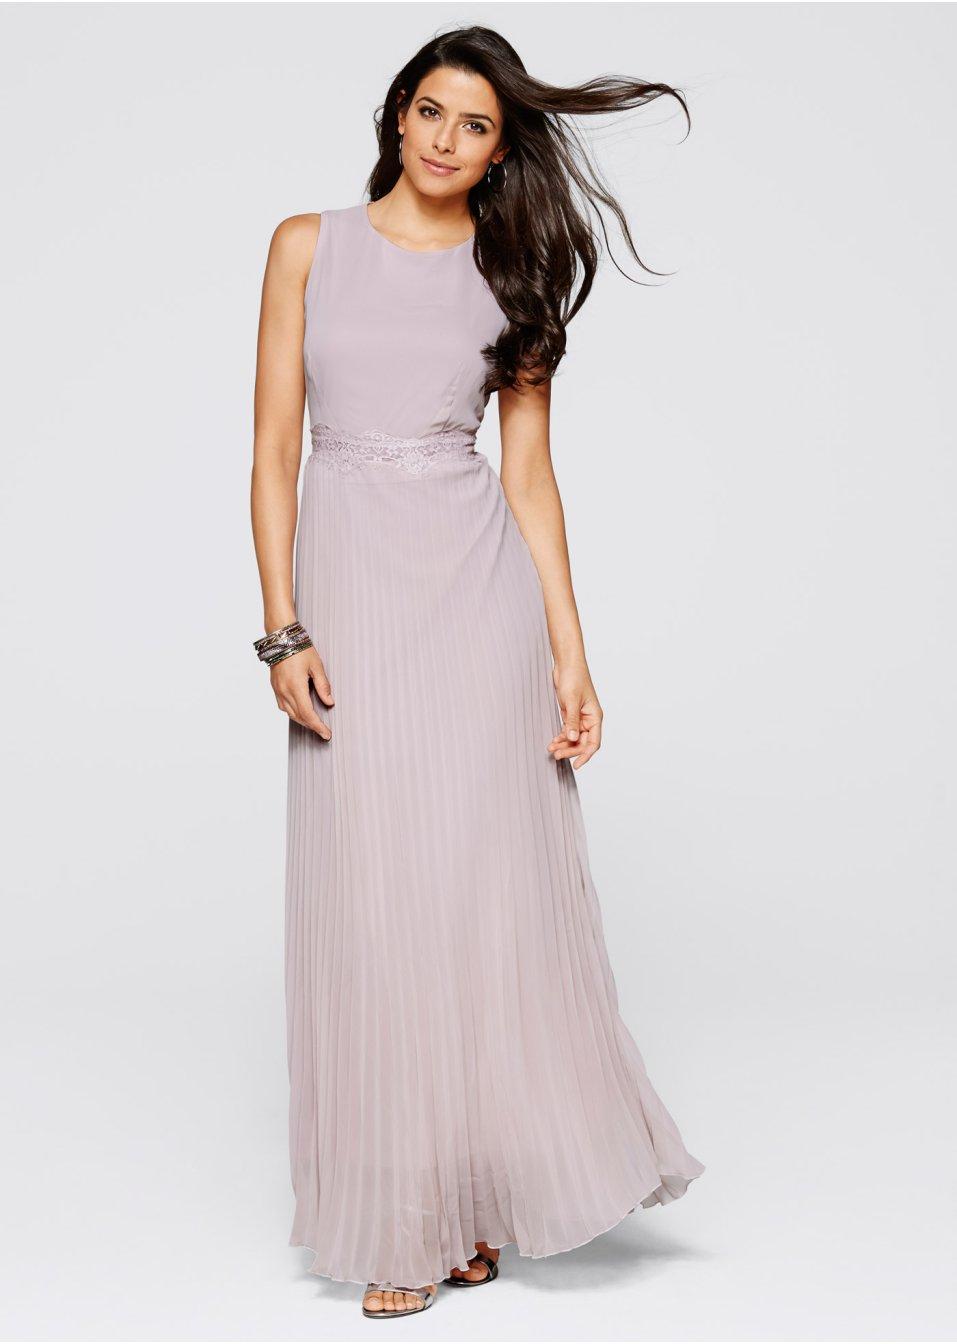 Bezauberndes Kleid mit Spitzenverzierung in der Taille und ...